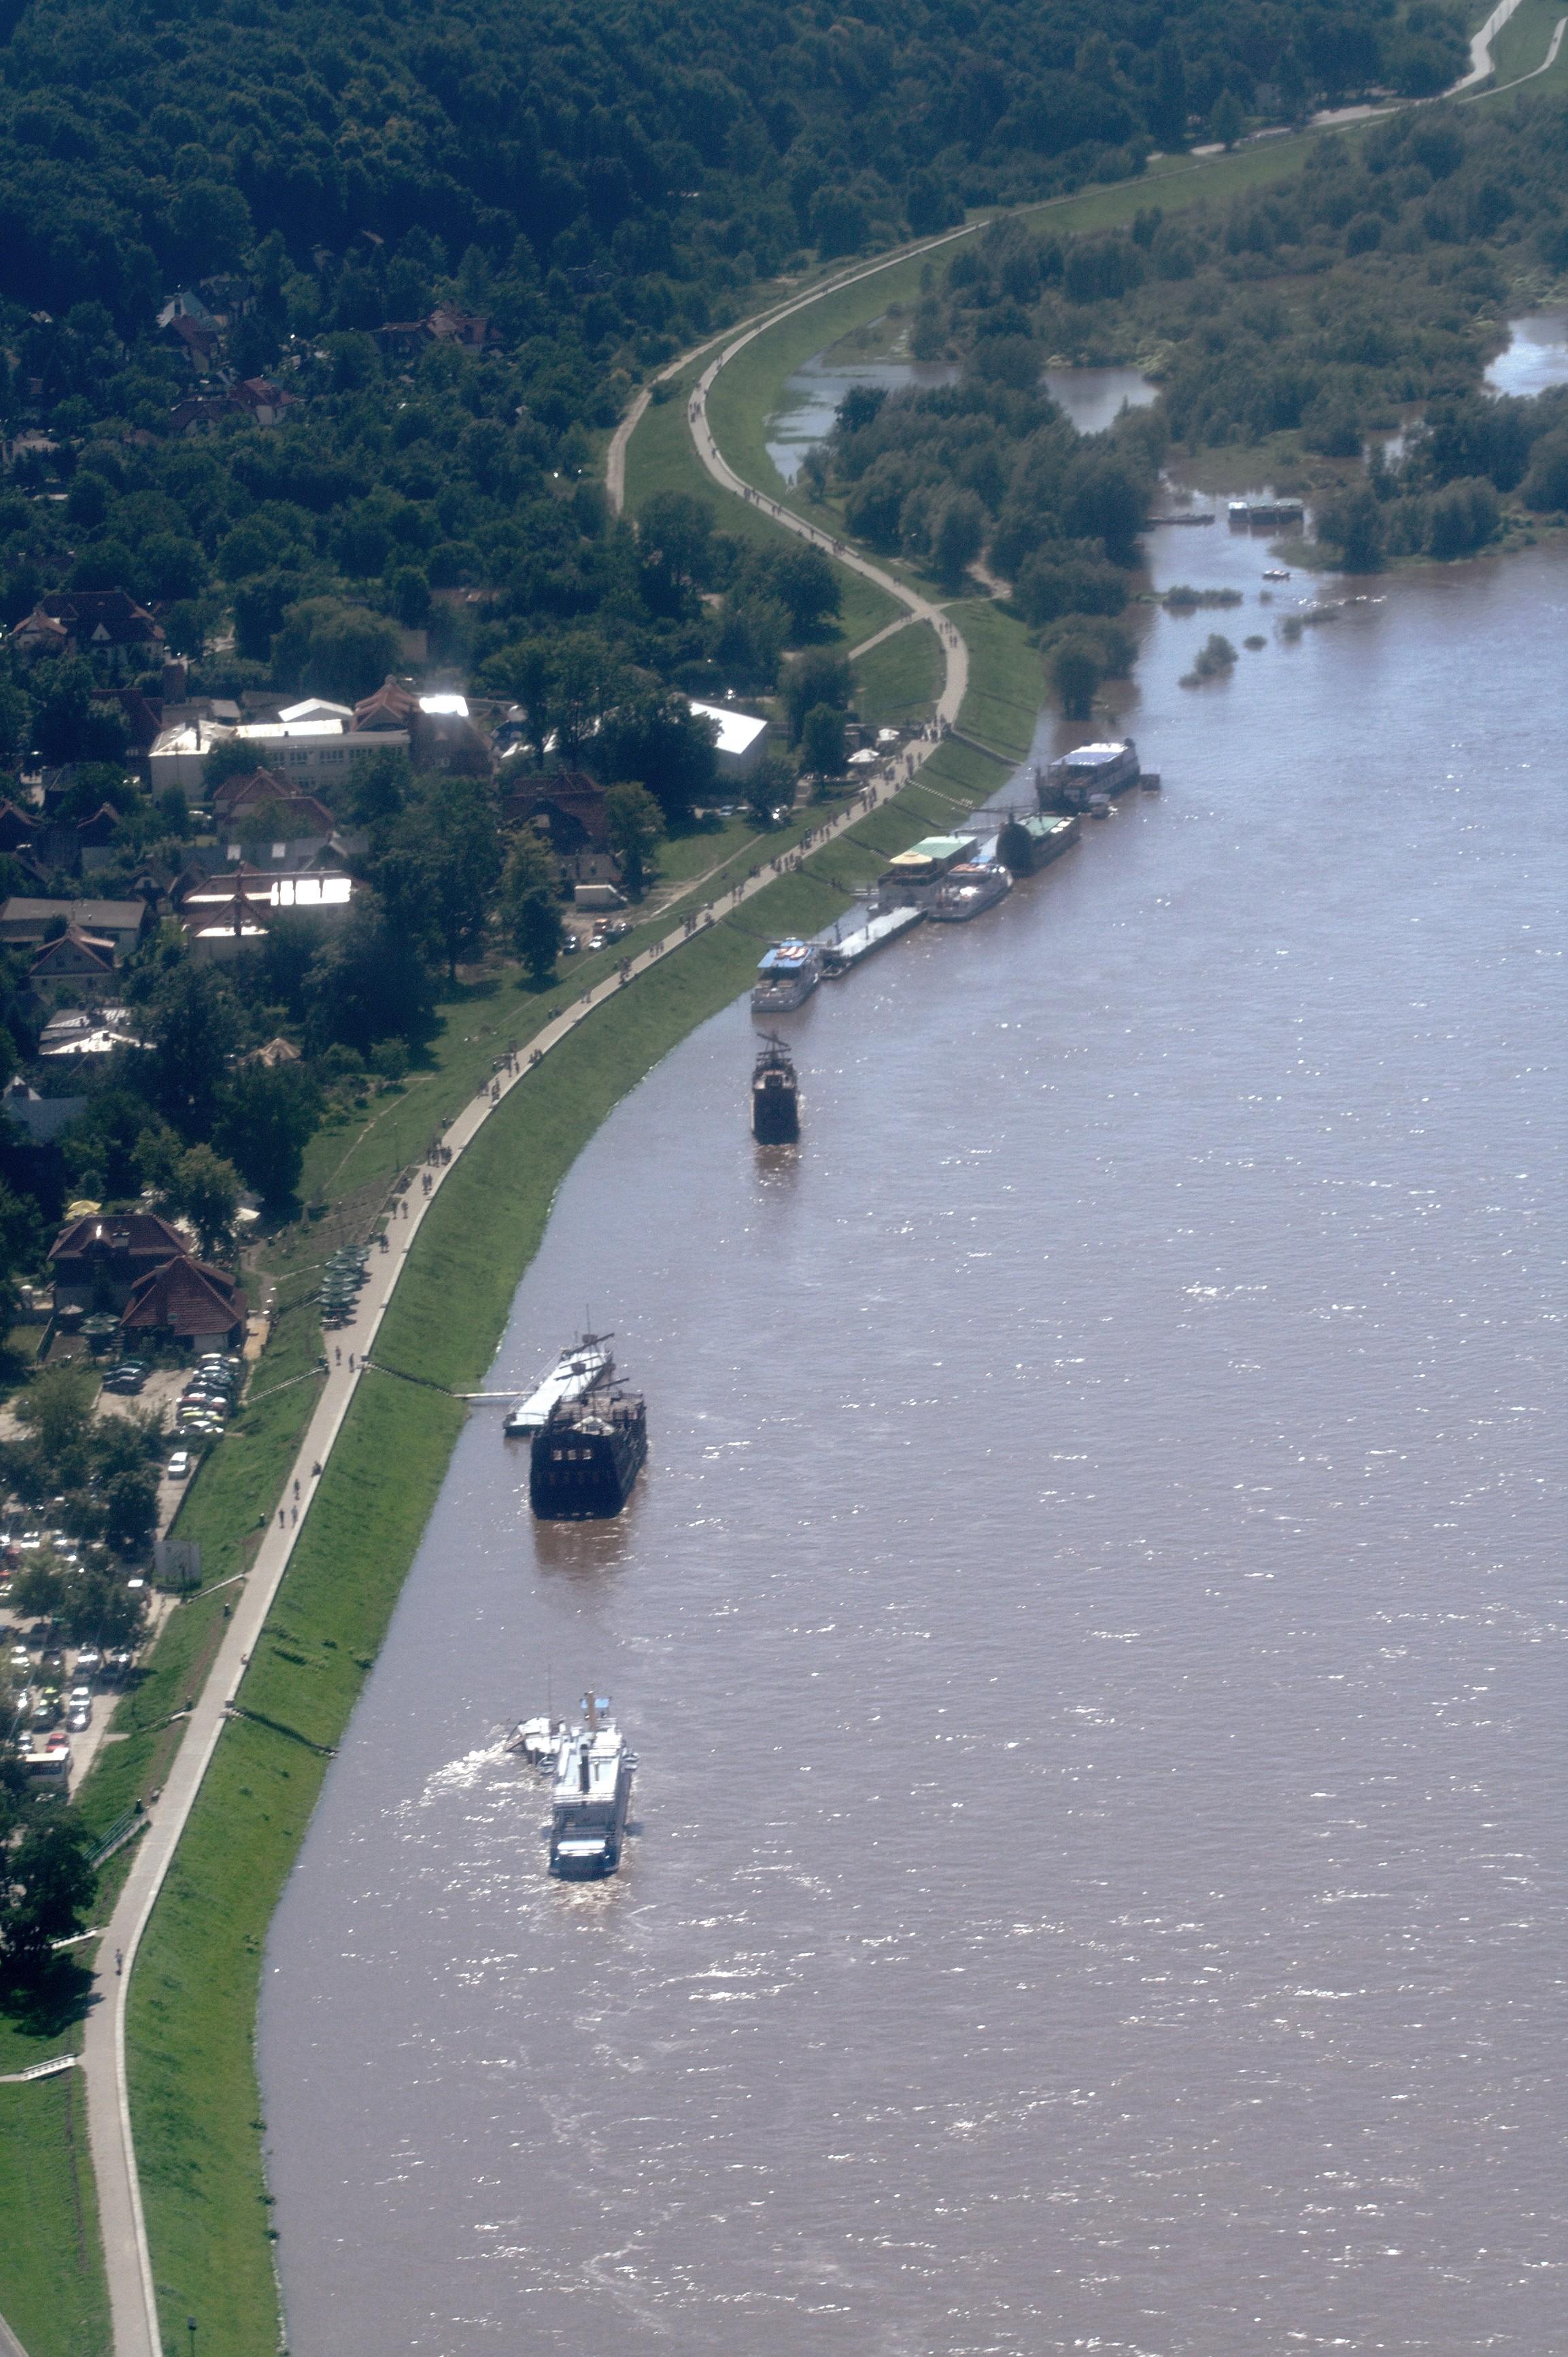 Kazimierz-Pathway-Aerial-View.jpg